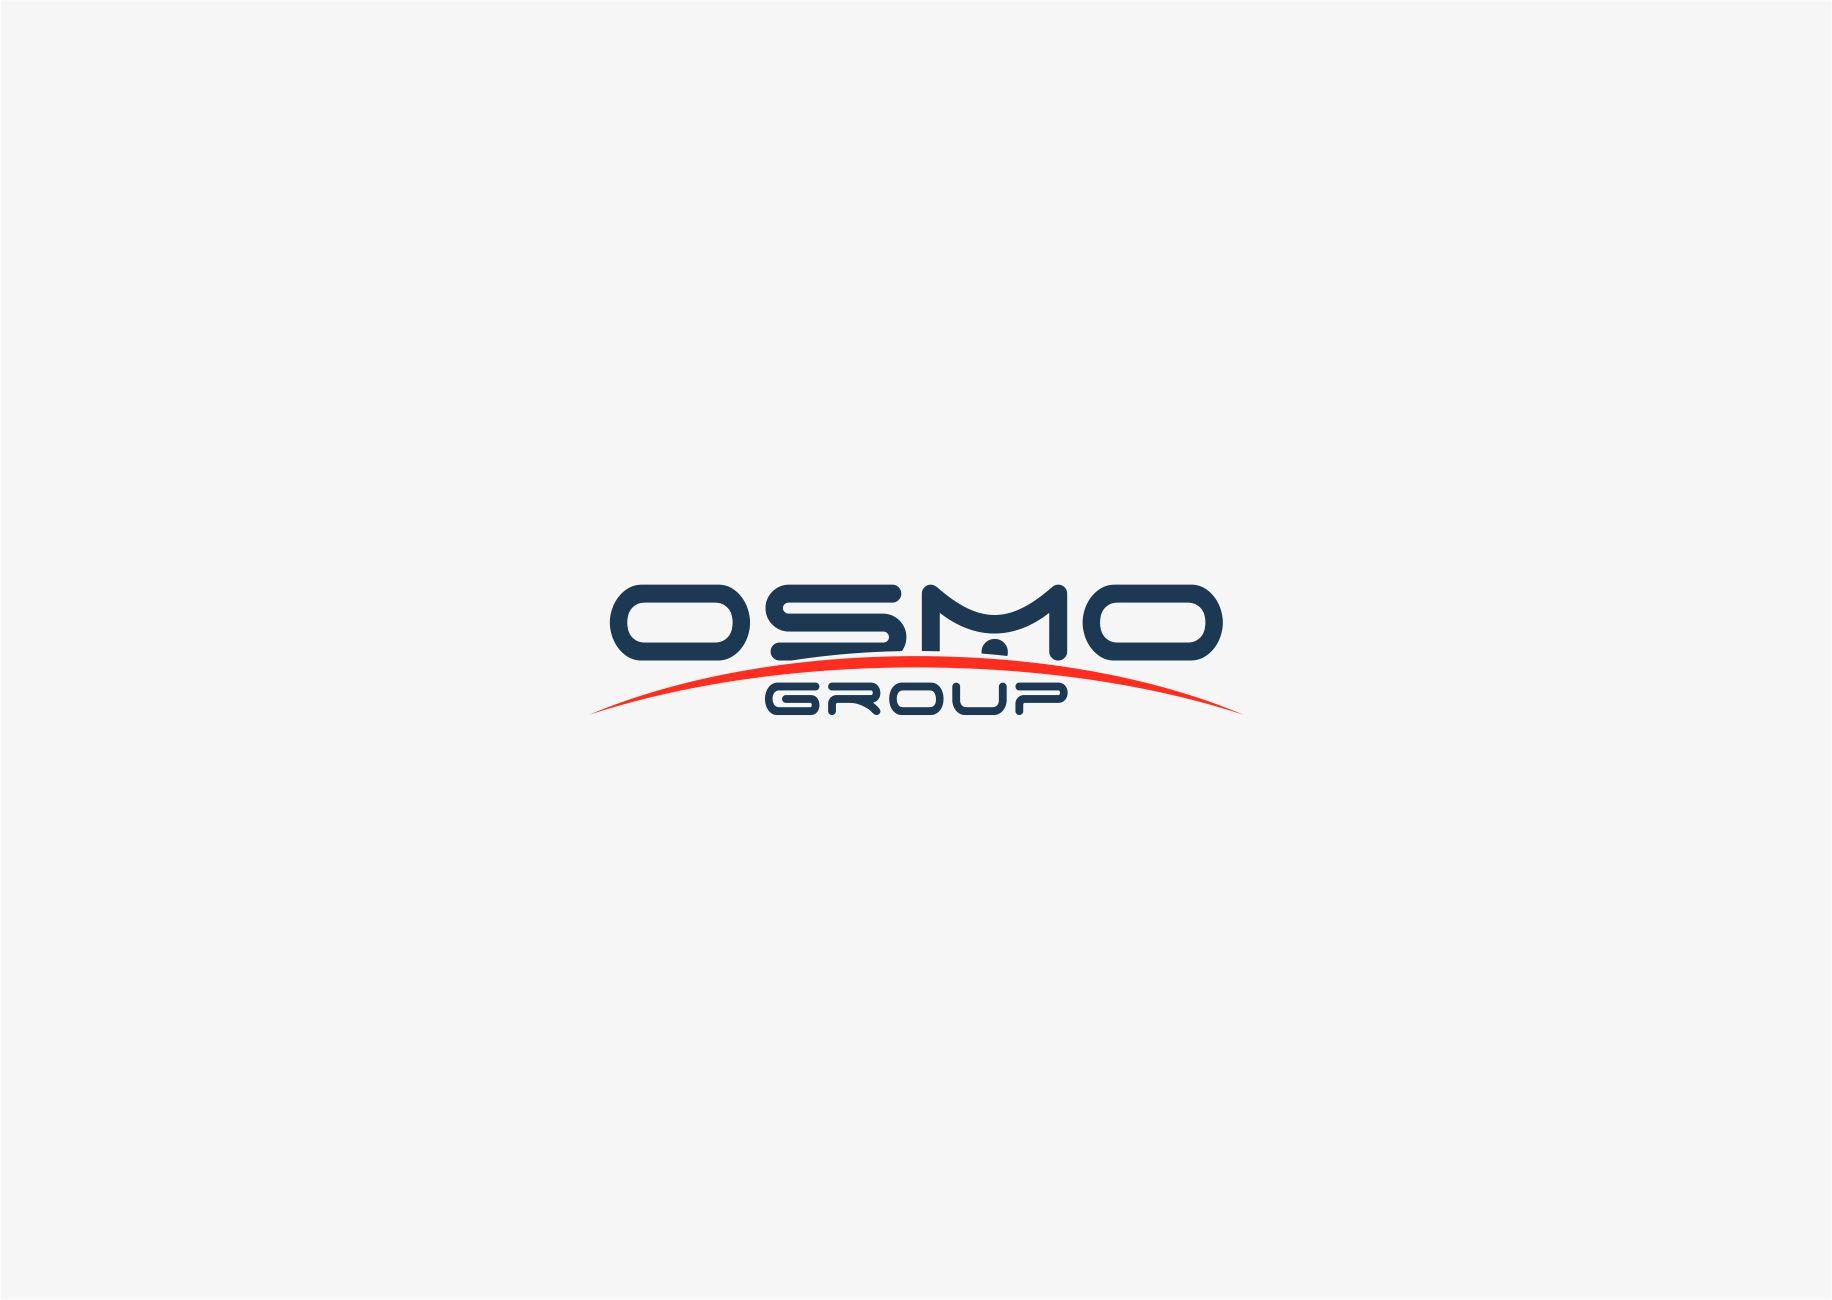 Создание логотипа для строительной компании OSMO group  фото f_62859b650f22247f.jpg